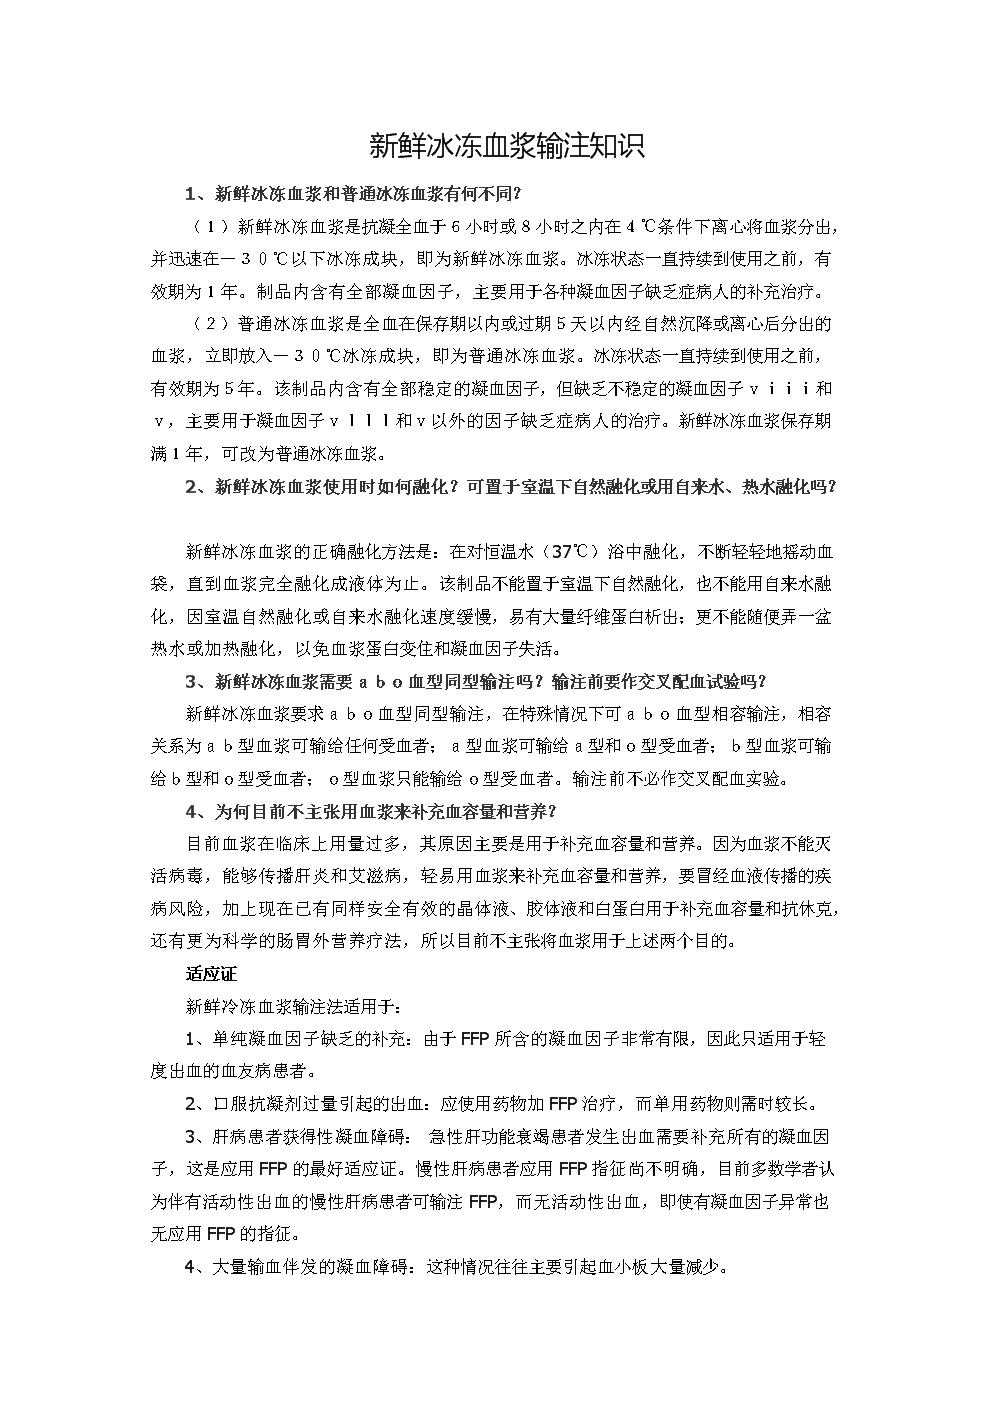 新鲜冰冻血浆输注知识.doc